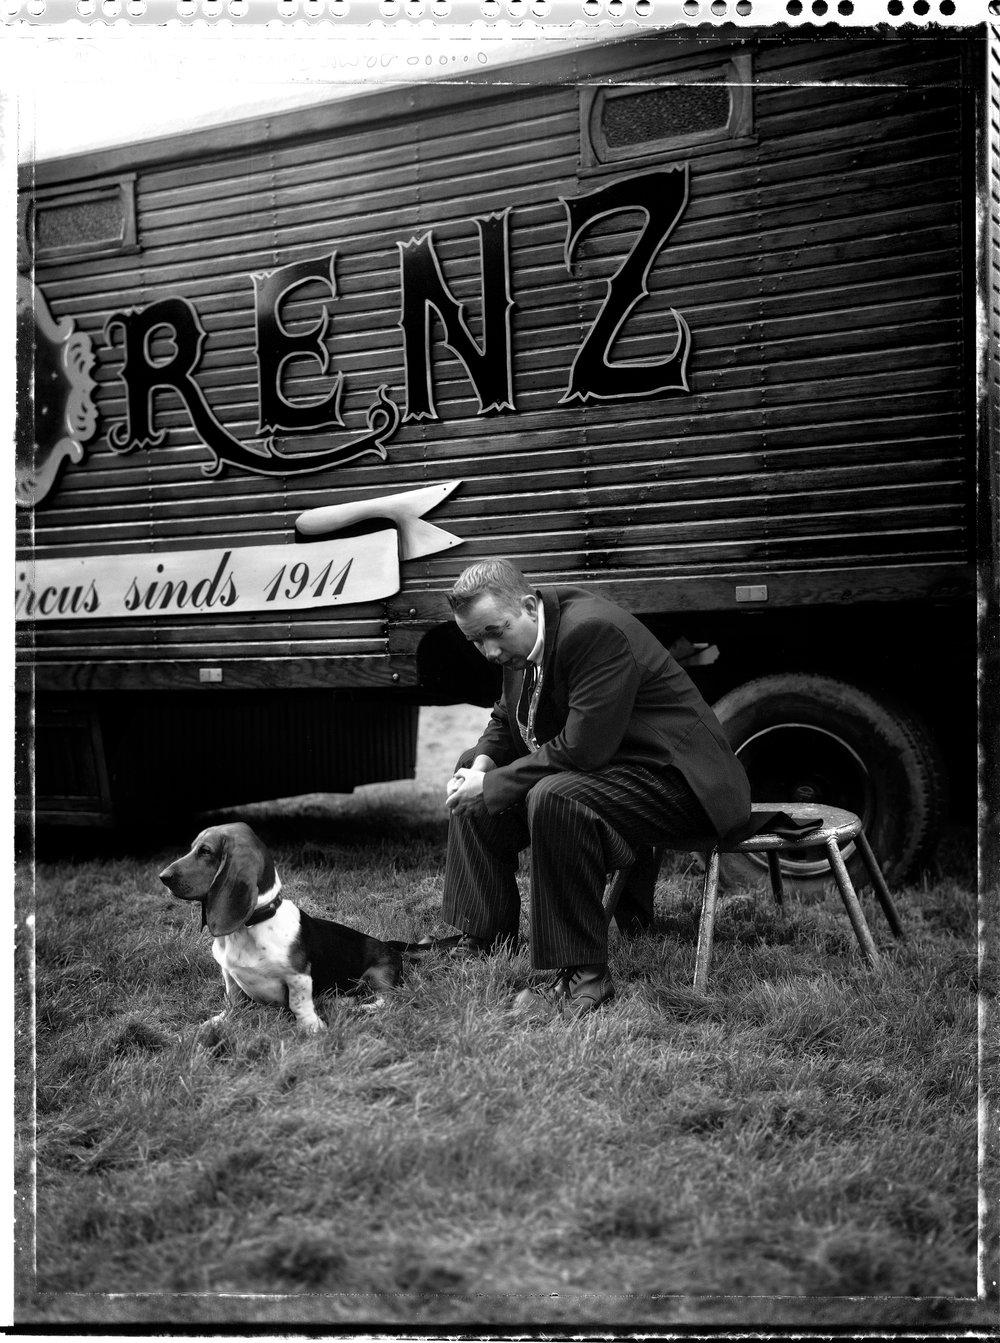 Jan, Circus Herman Renz, portretten in de coulissen van de laatste circusjaren,2012